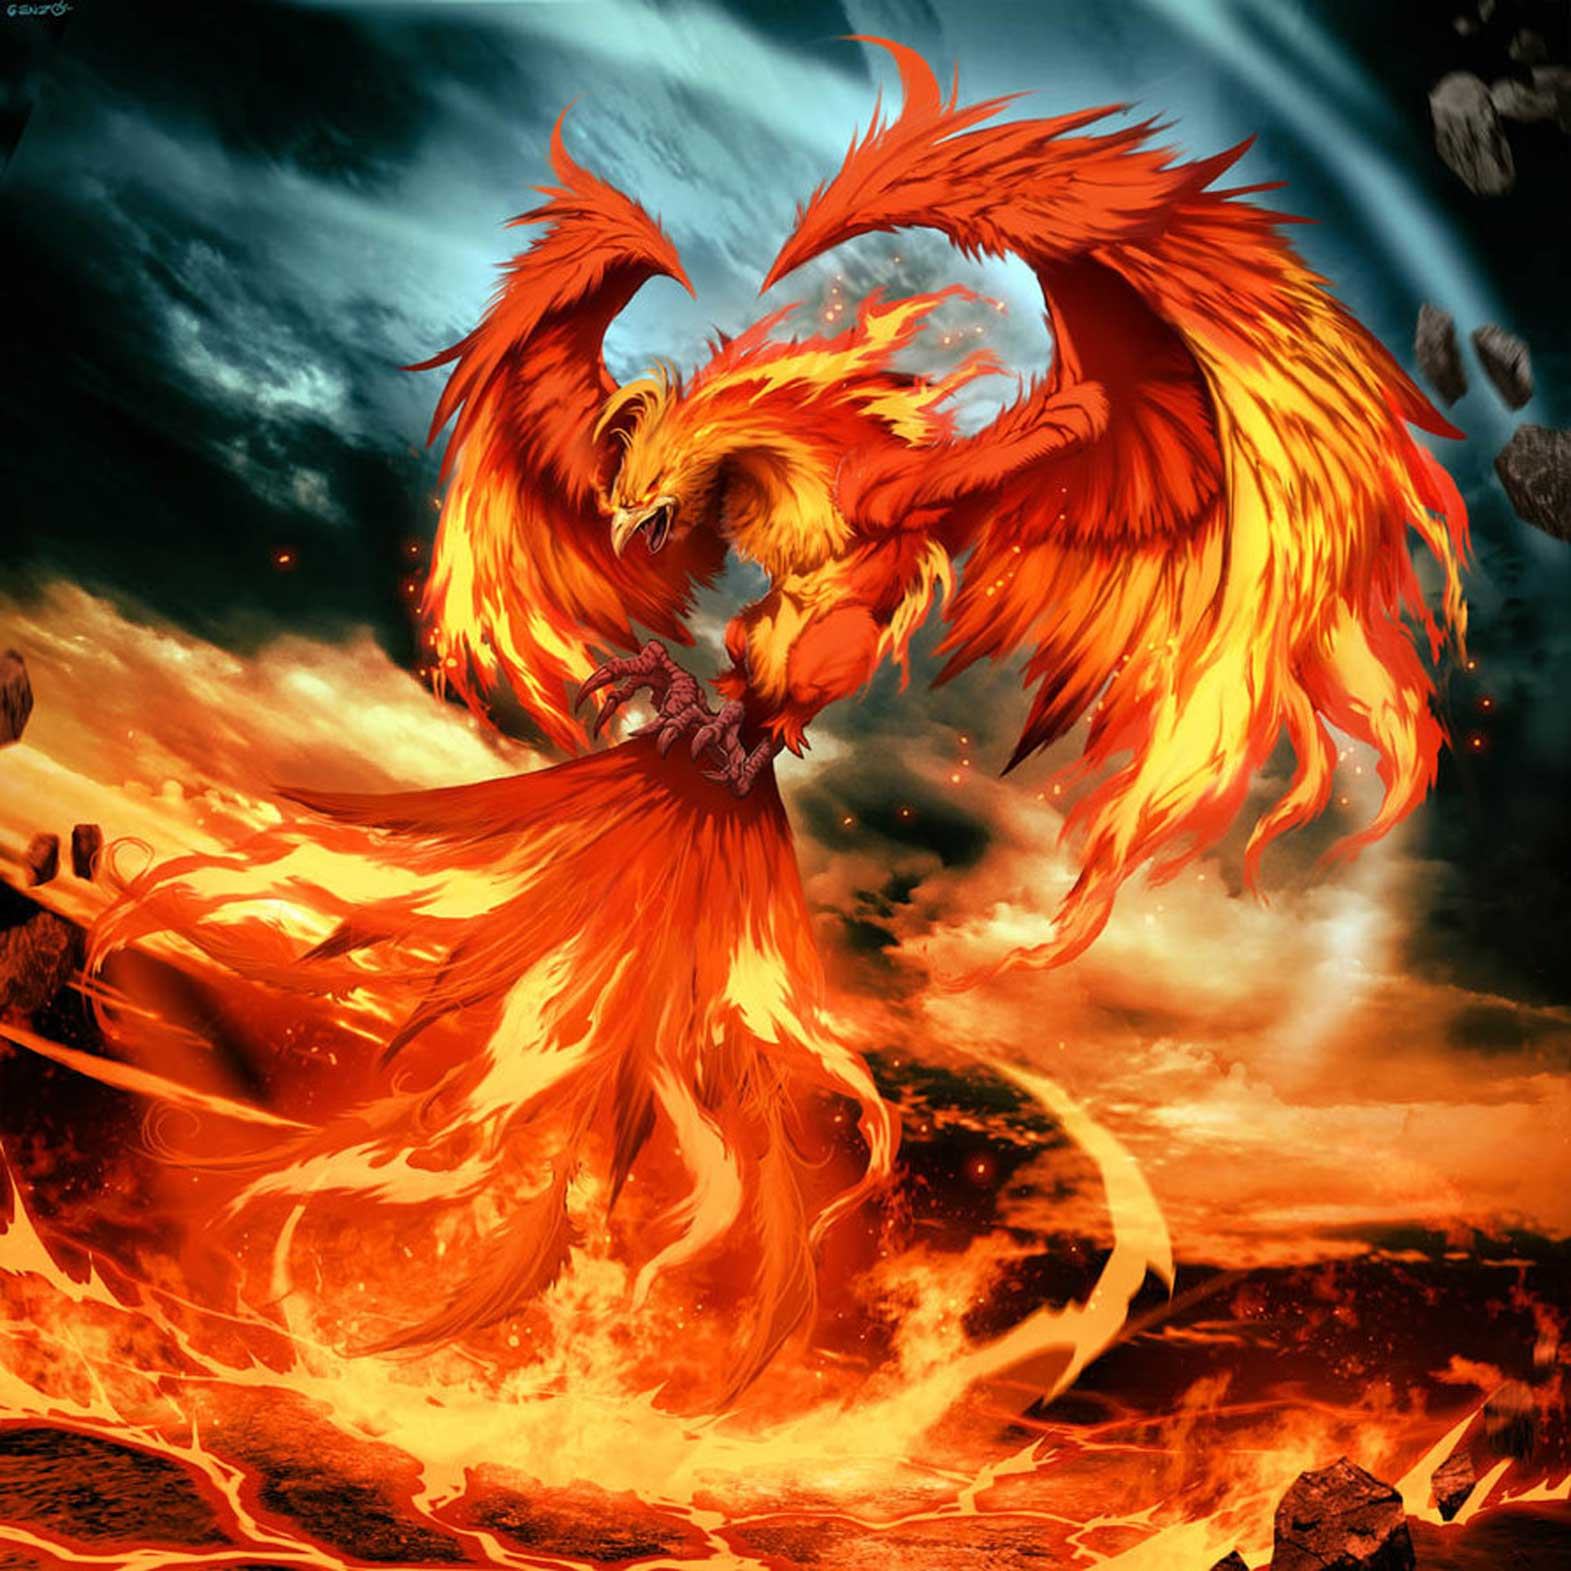 Precioso Ave Fénix resurgiendo del fuego - Imagenes y Carteles